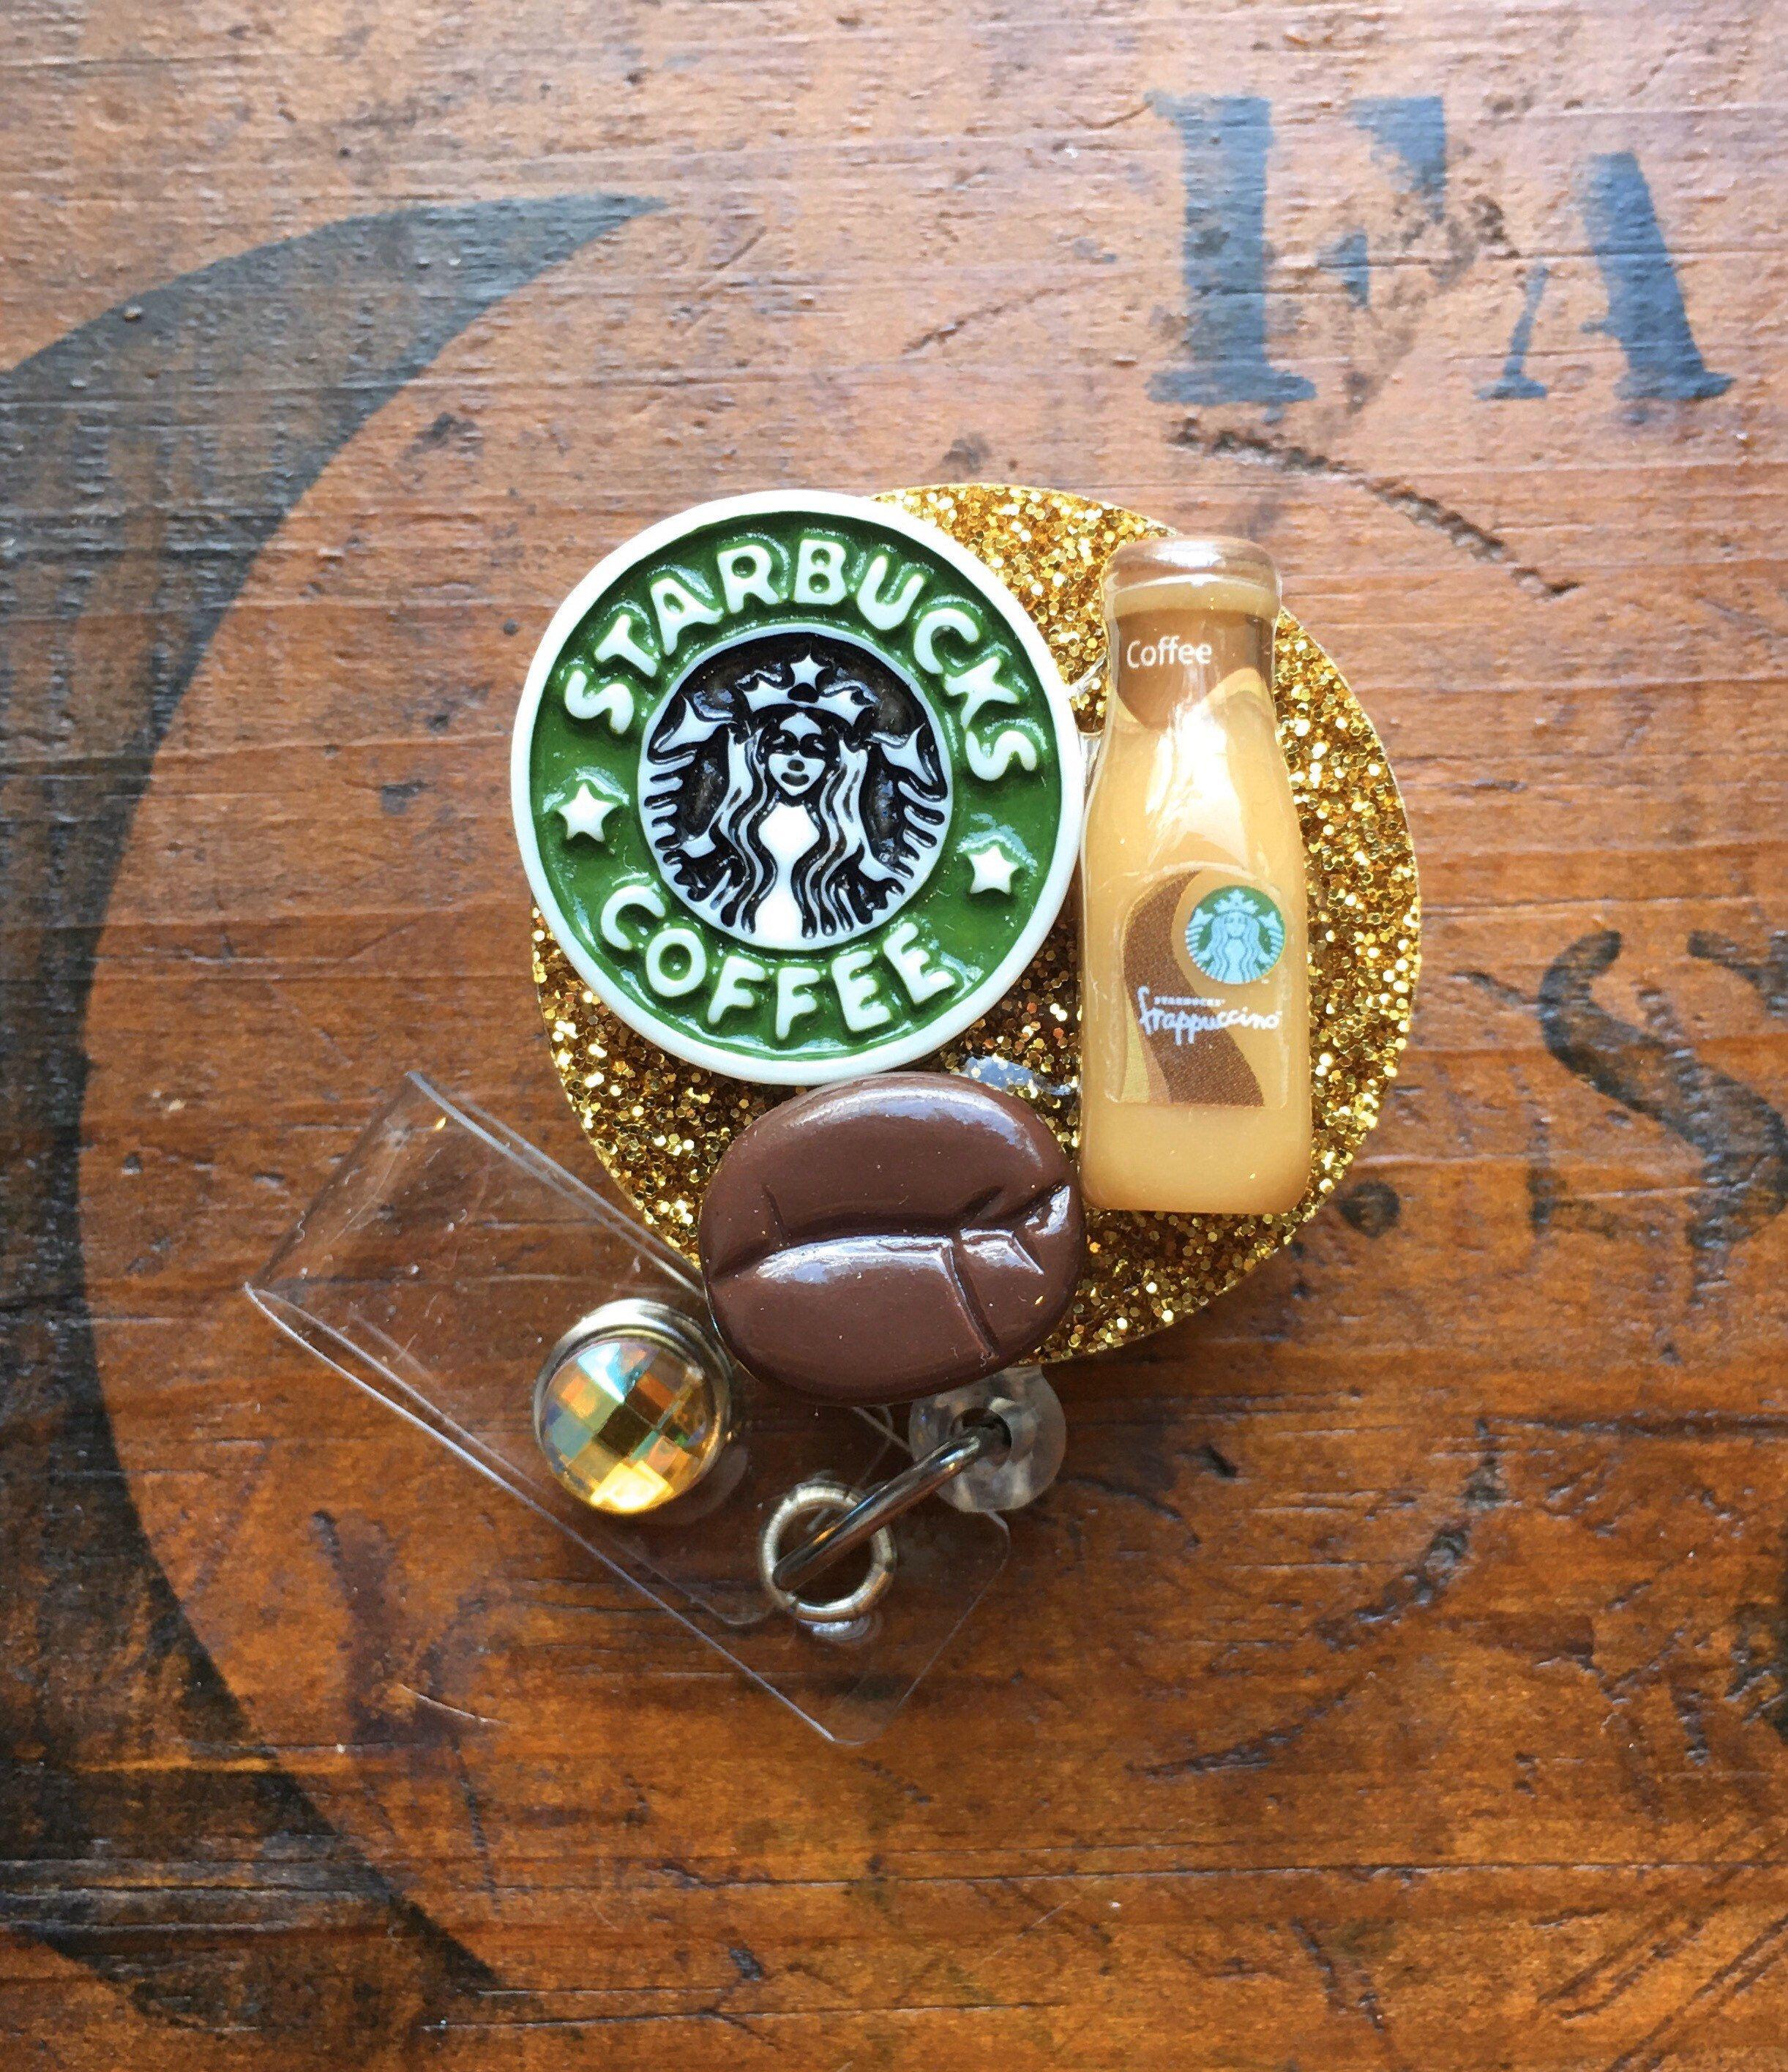 Coffee themed id badge reel in 2020 id badge id badge